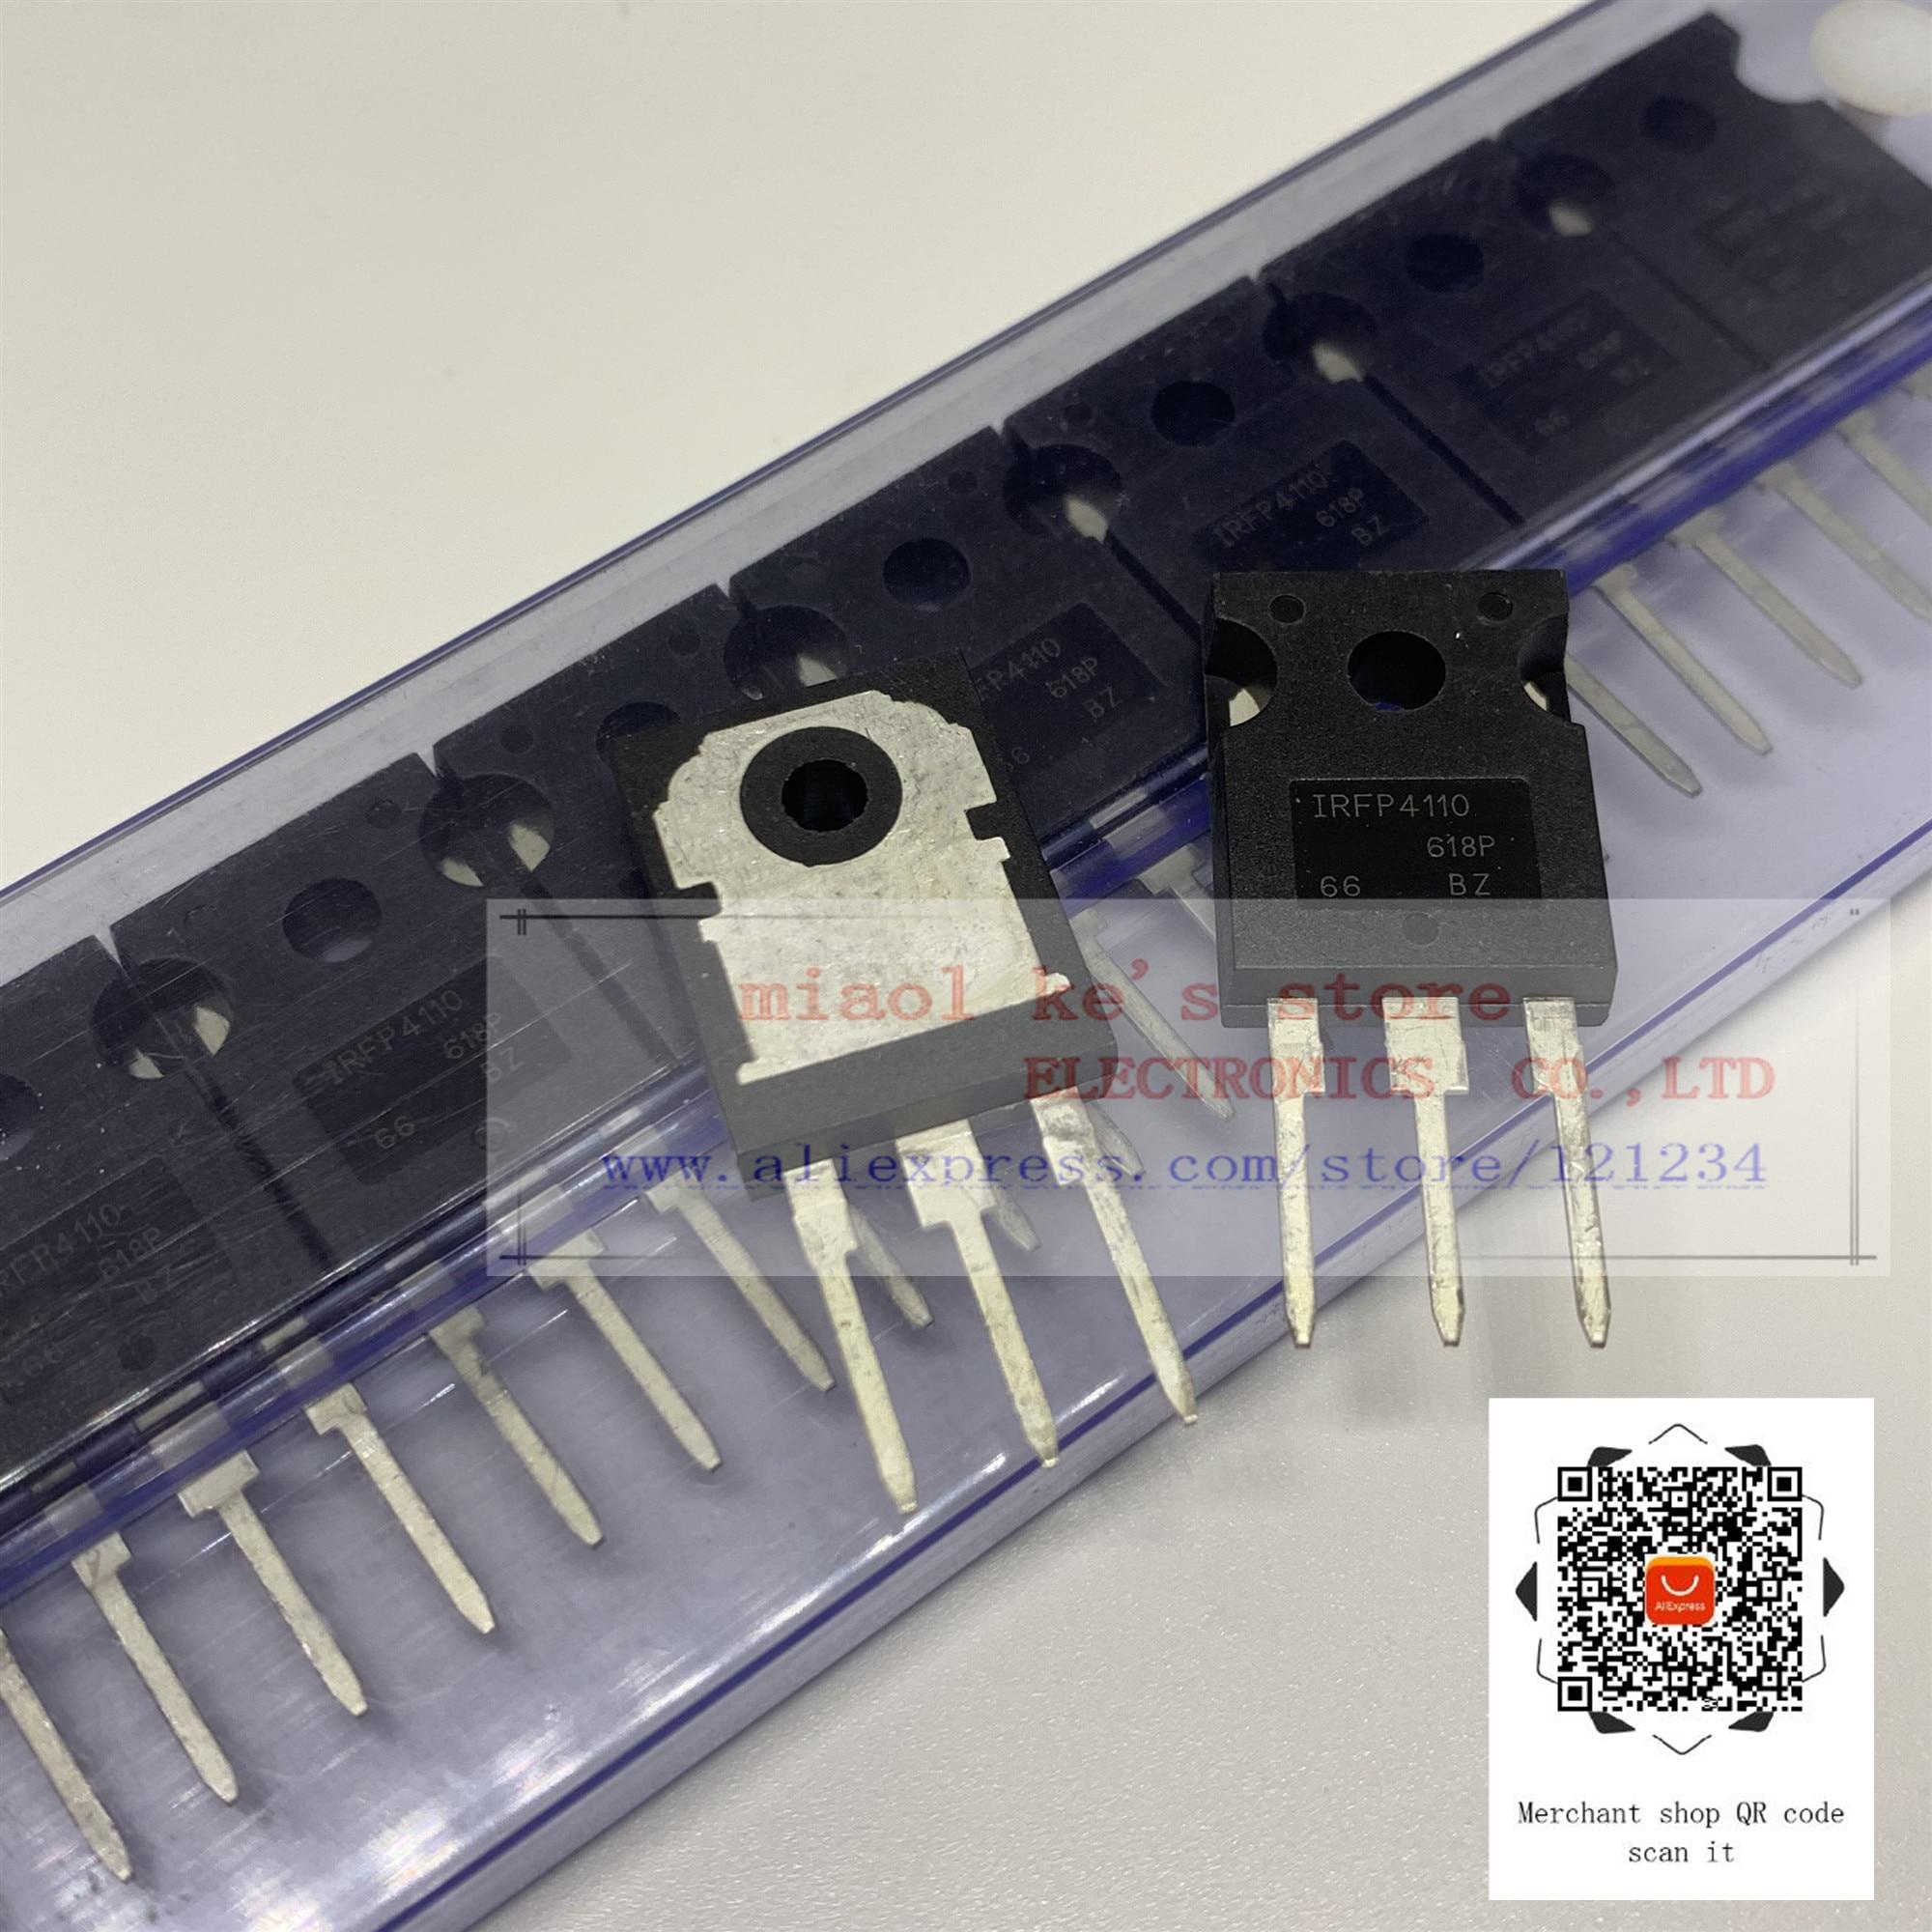 [5 шт. ~ 10 шт.] 100% Новый оригинальный: IRFP4110PBF IRFP4110-MOSFET n-канал 100 в 120A TO-247AC